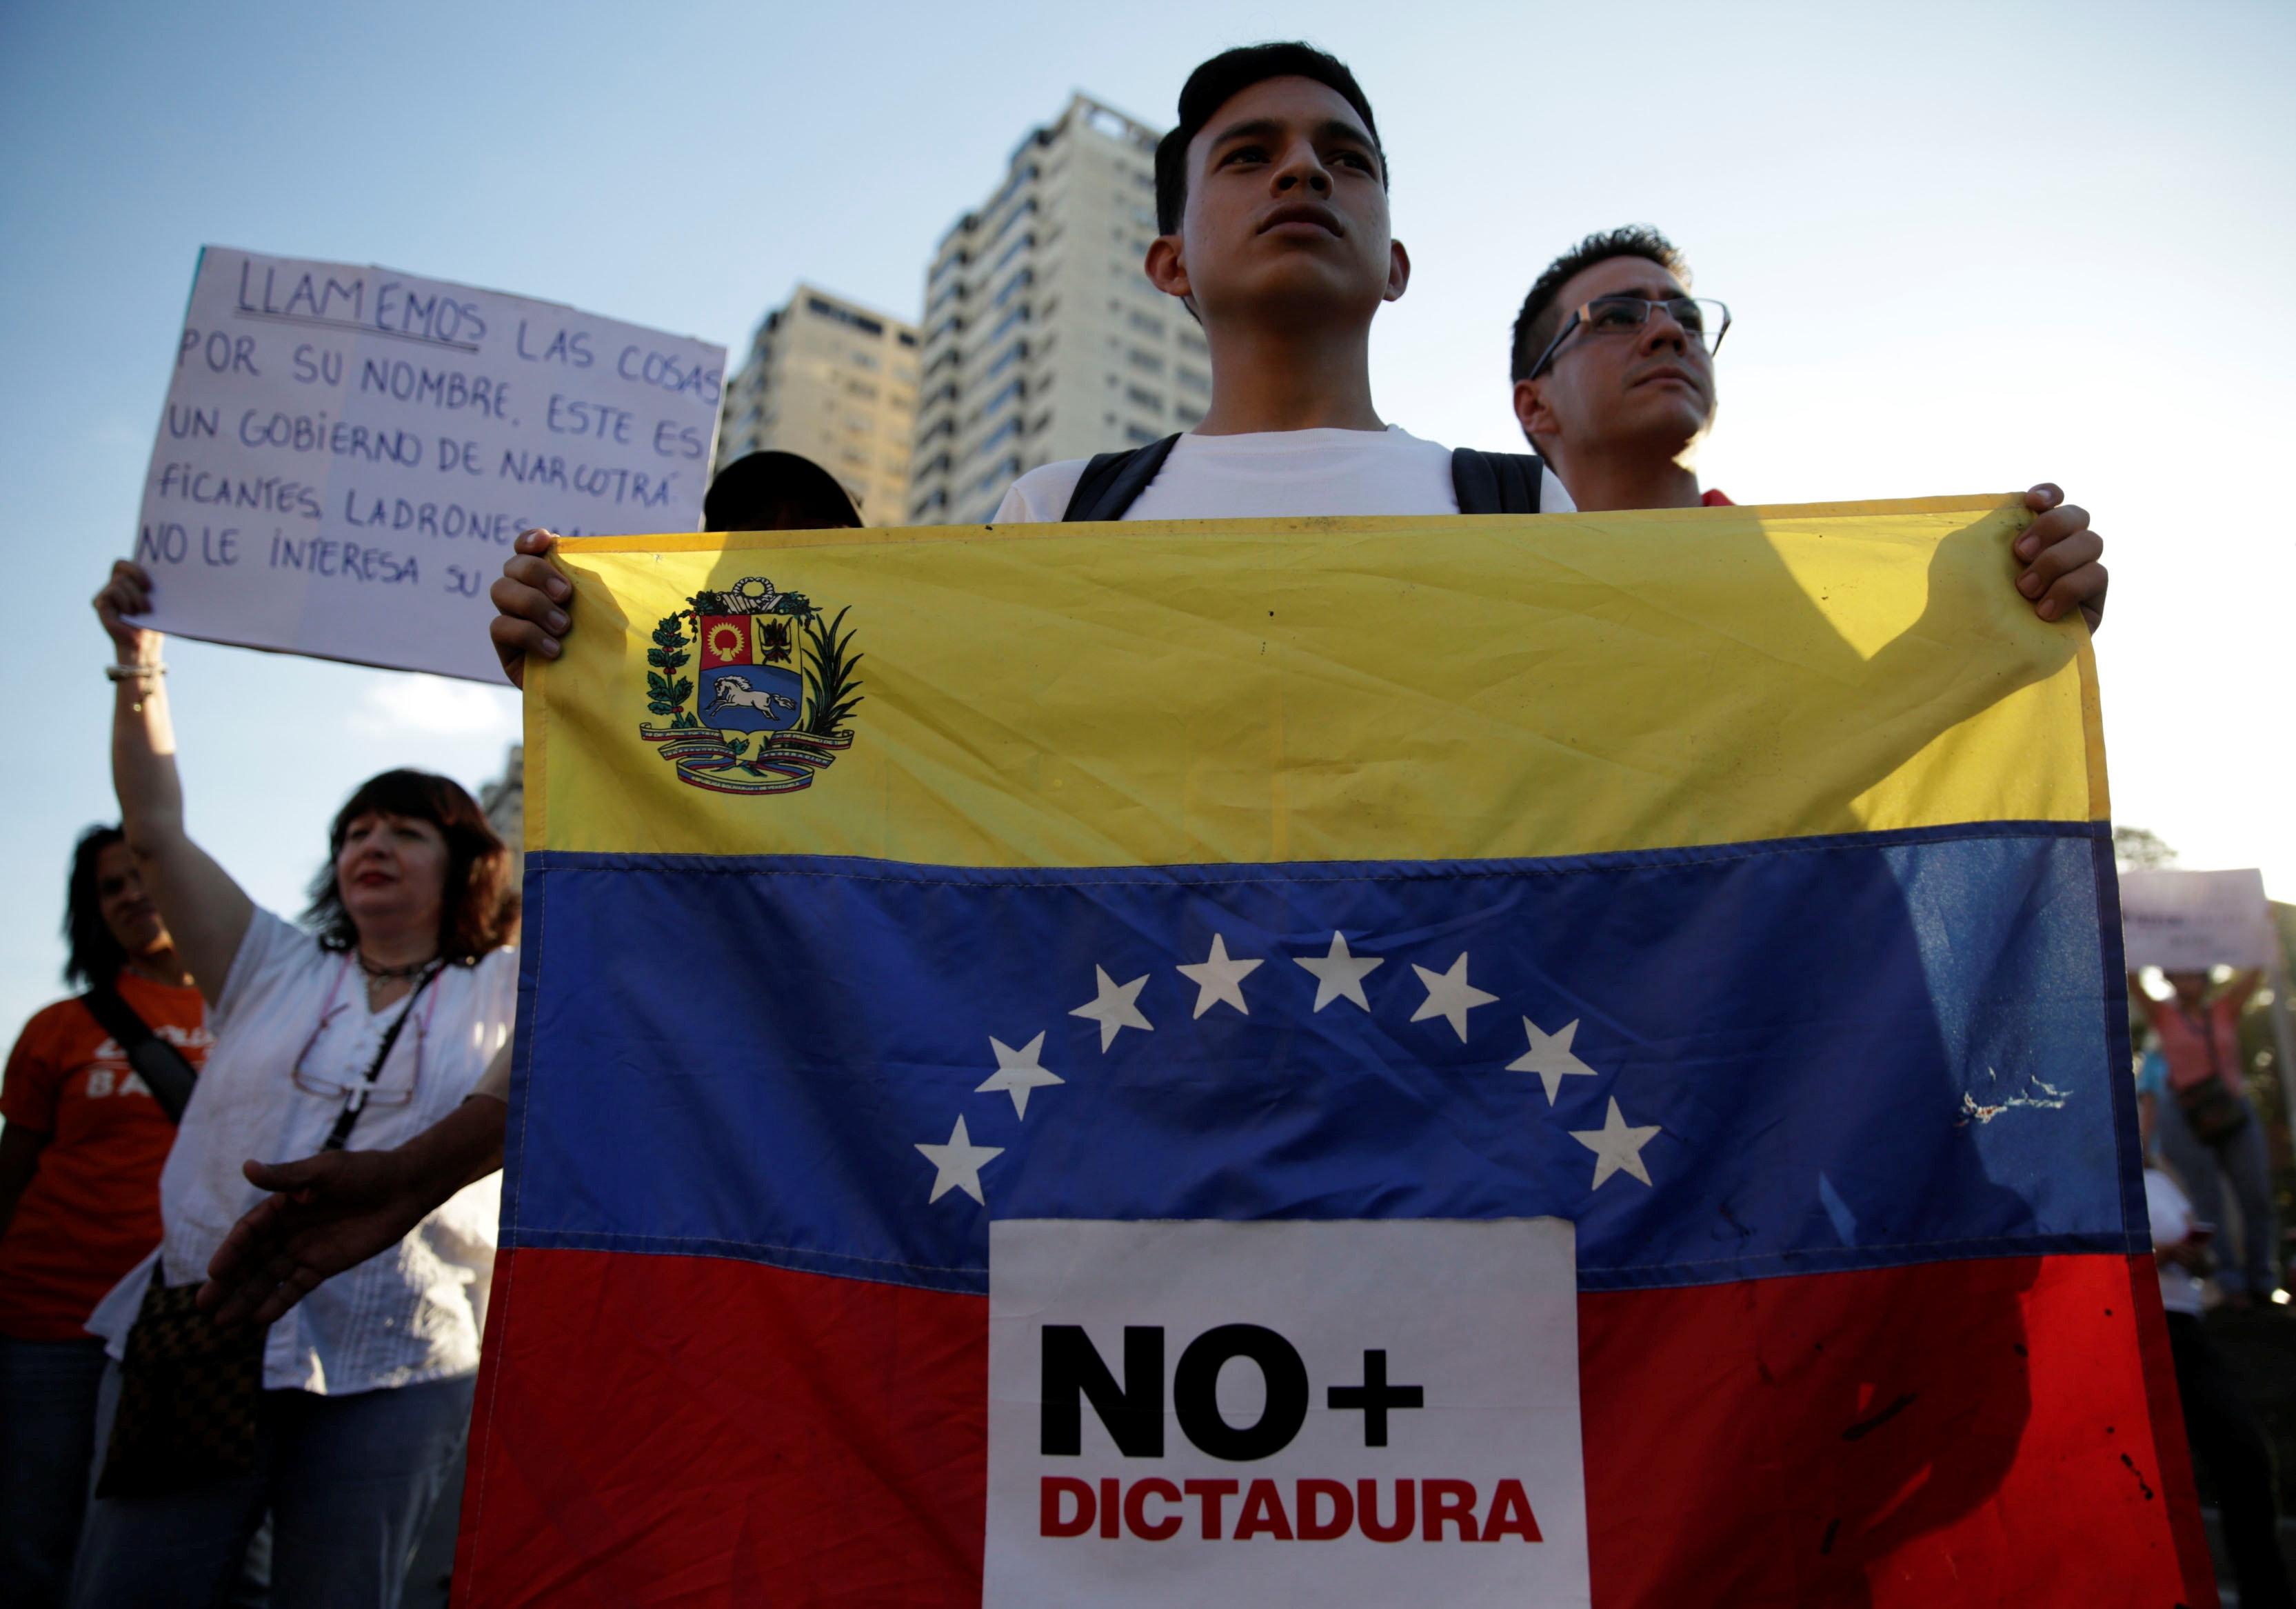 Venezuela, asamblea nacional de venezuela, nicolas maduro, bandera de venezuela, dictadura